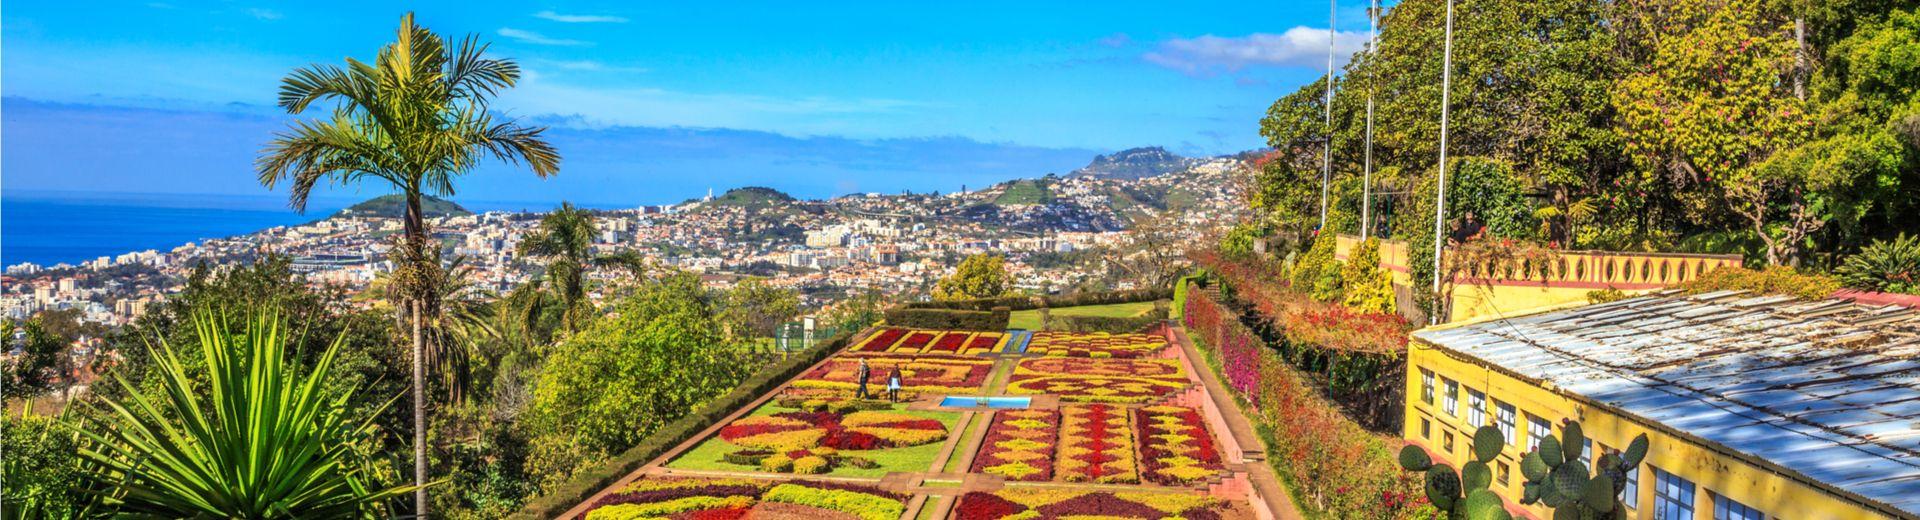 5-Sterne Hotel auf der Blumeninsel Madeira